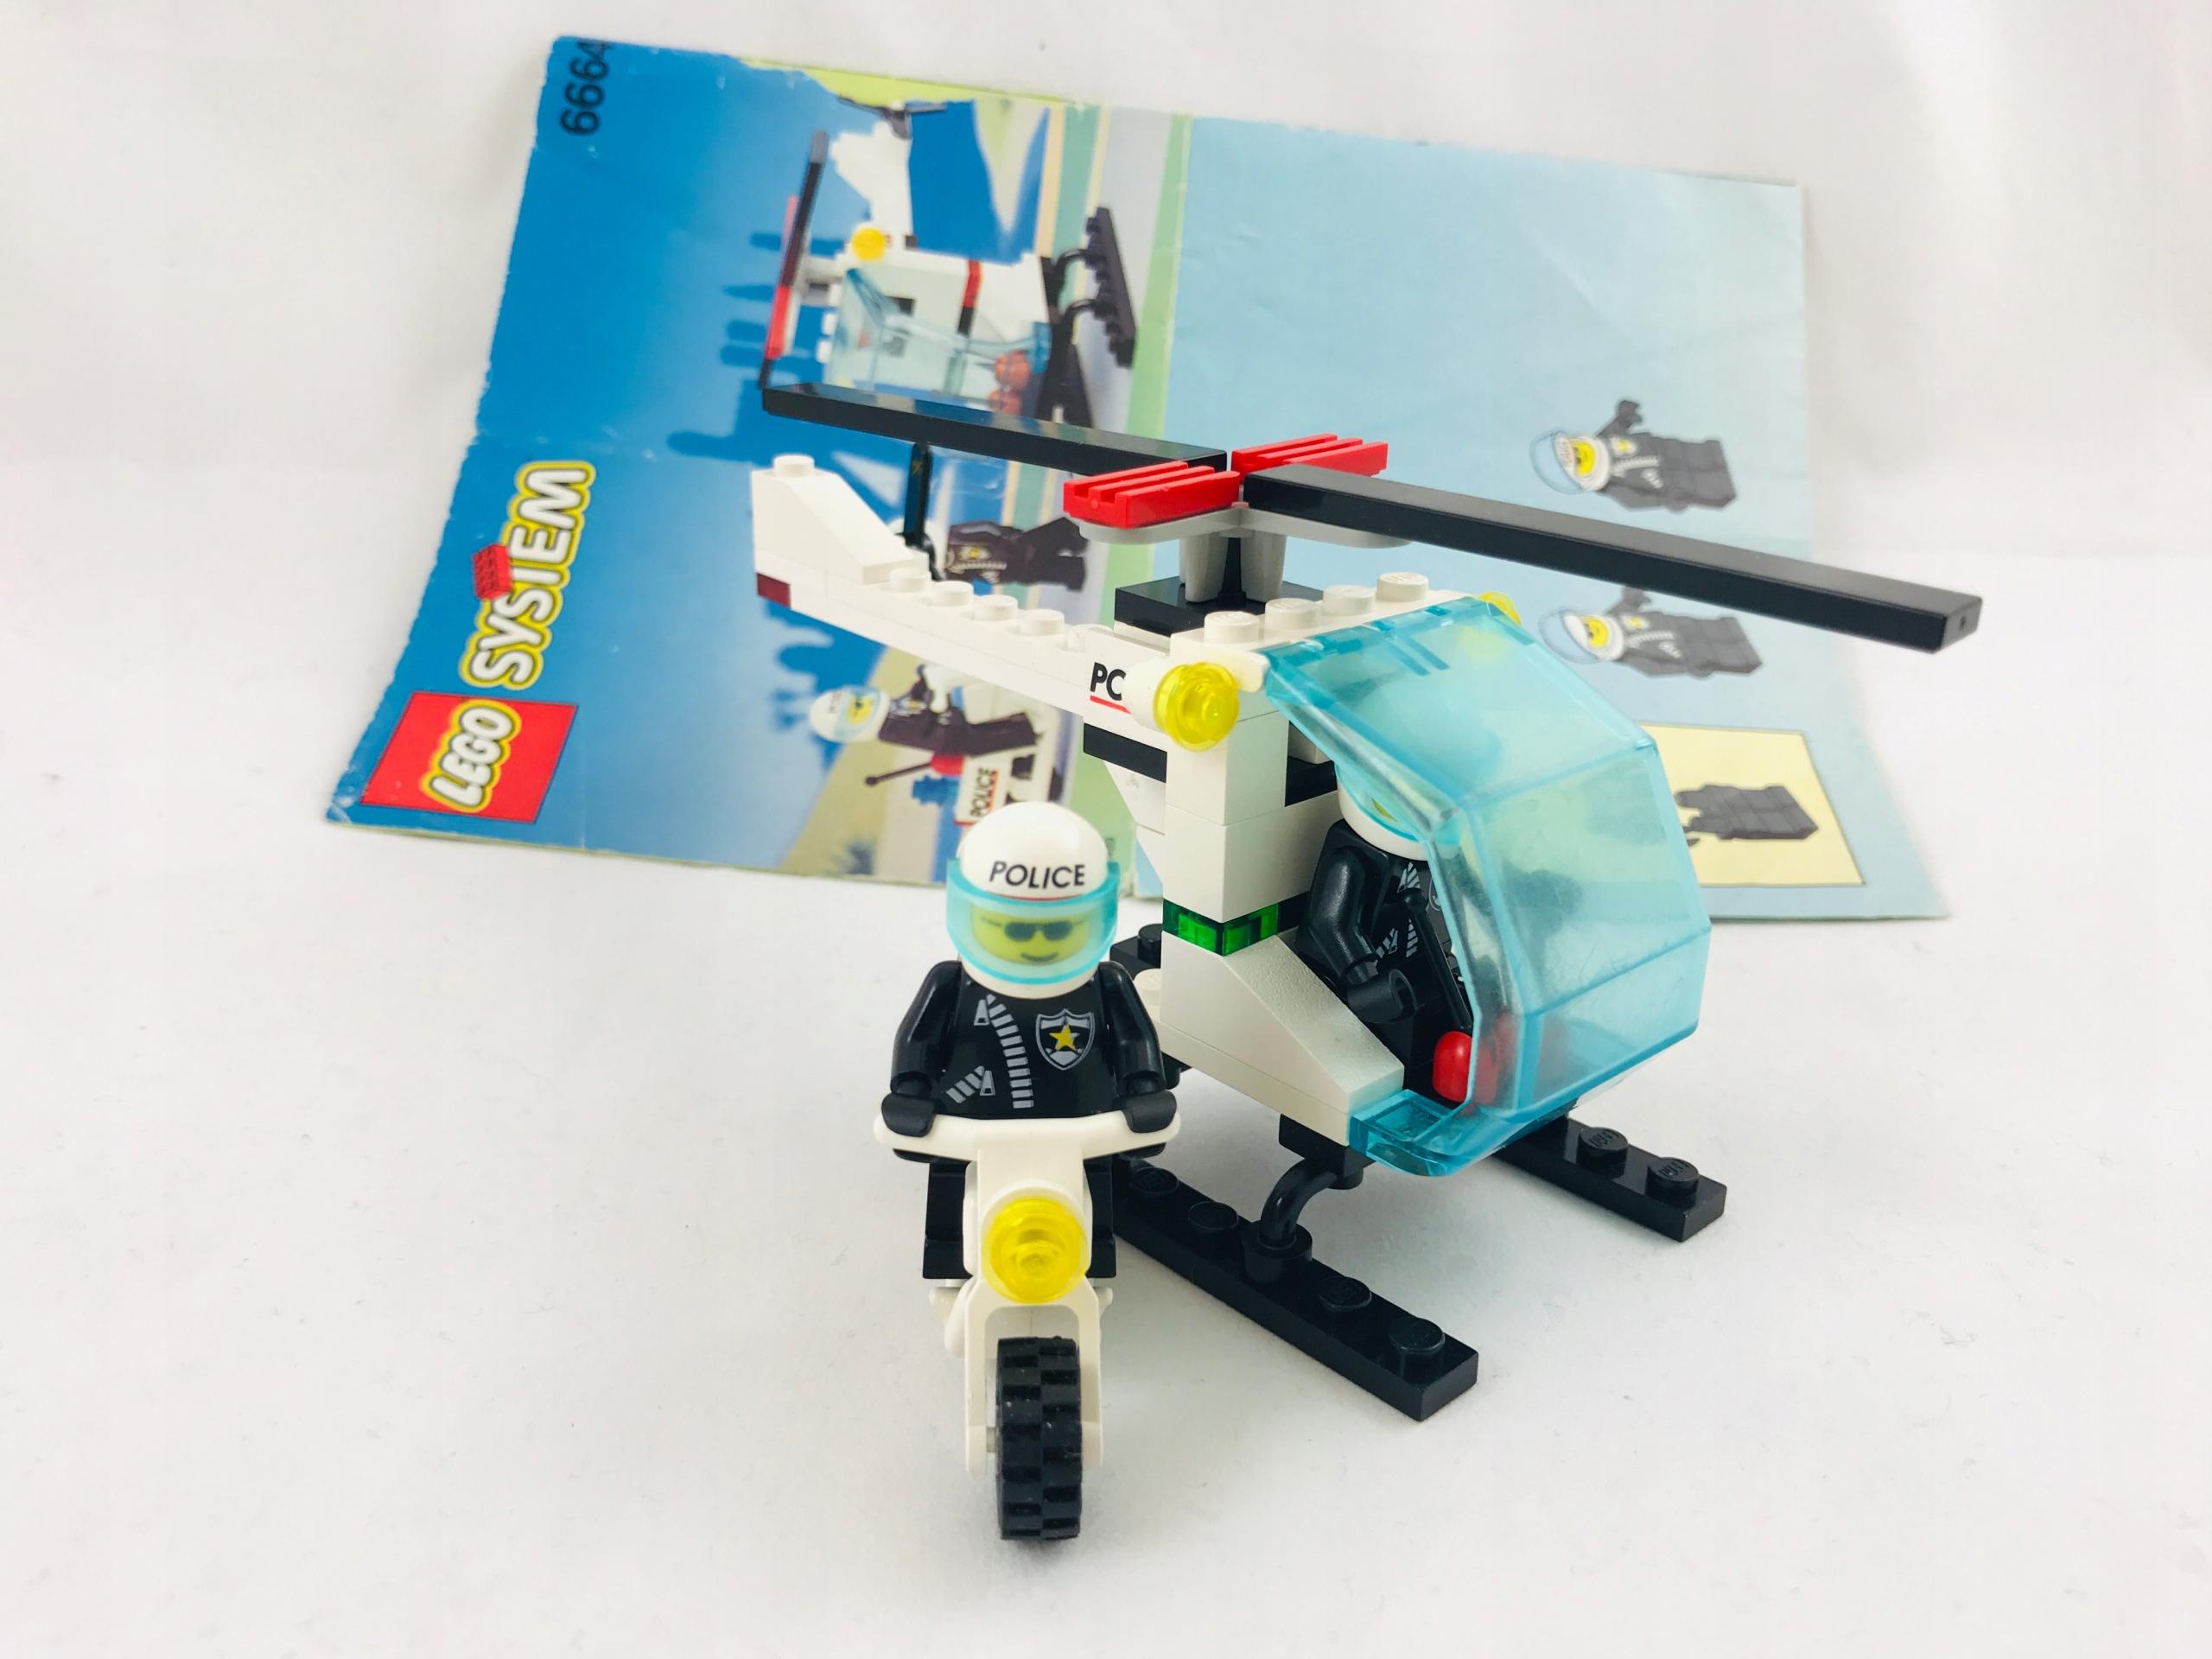 NEW NEUF Lego 60122stk01-1x Sticker for set 60122 Chantier city